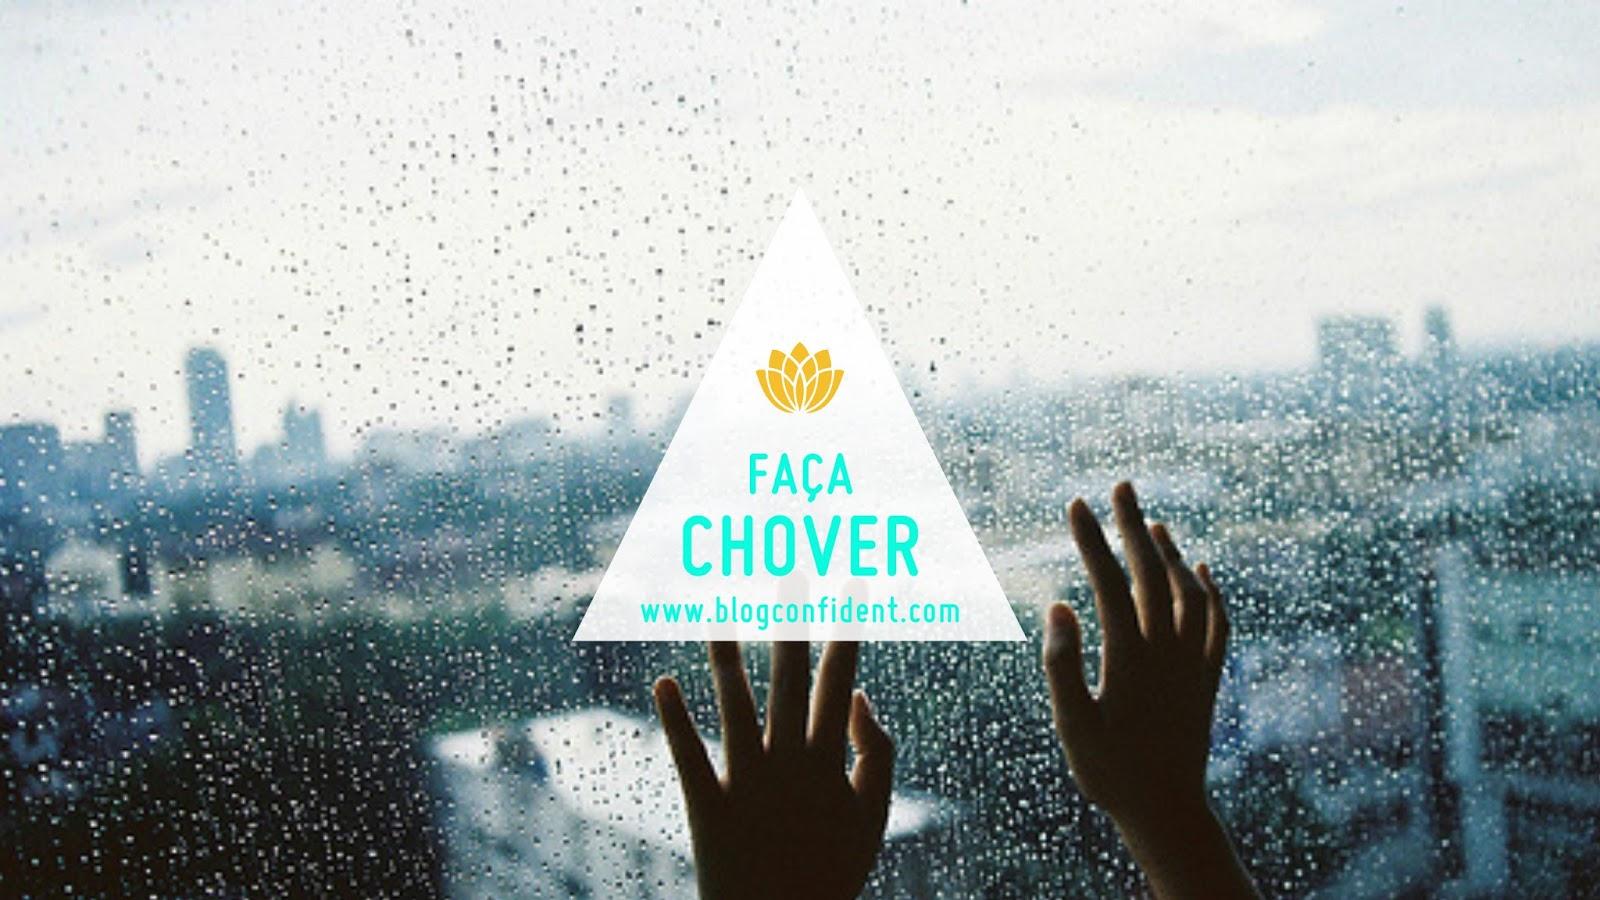 FAÇA CHOVER | BLOG CONFIDENT